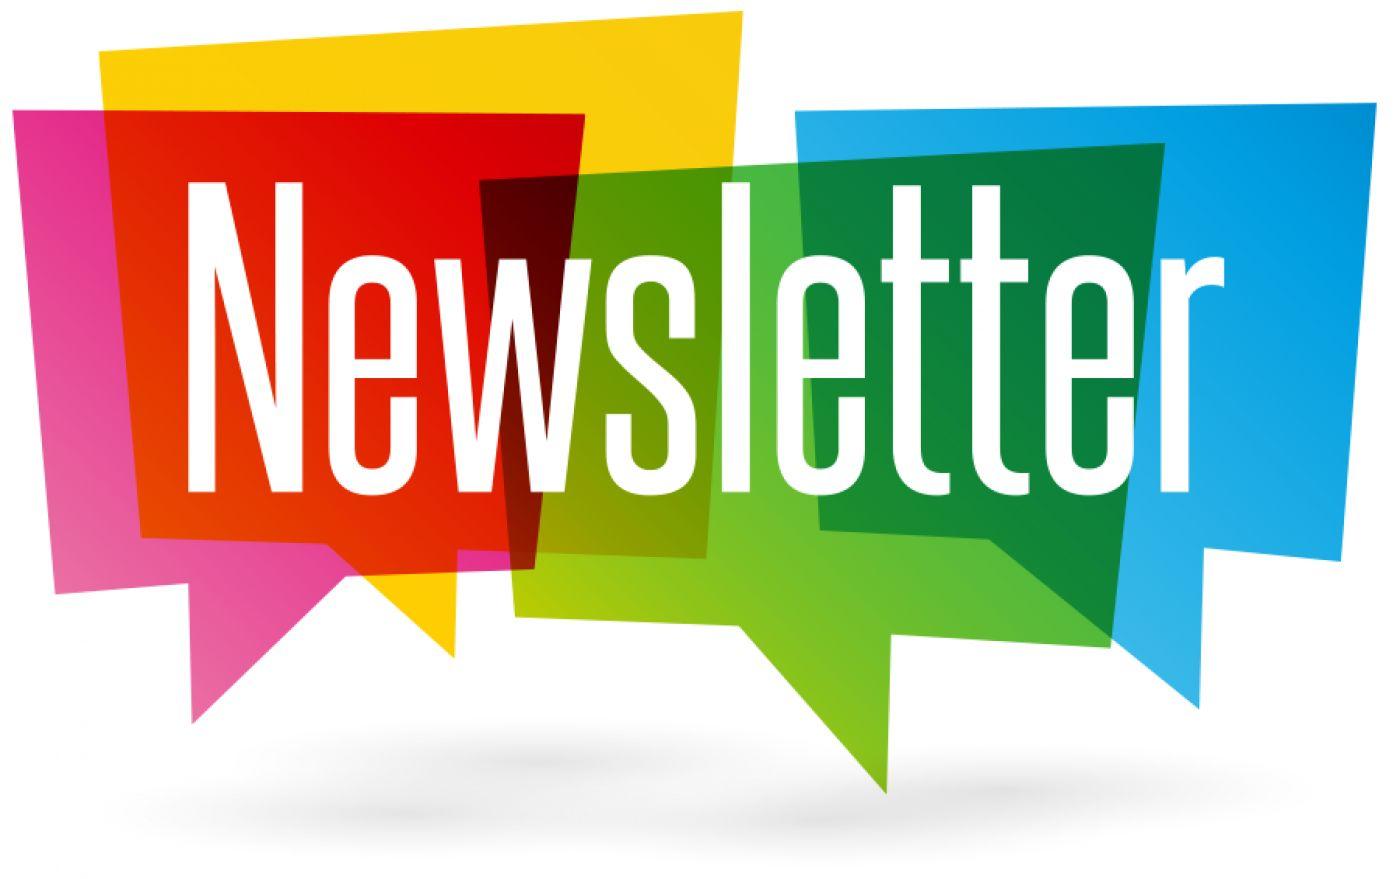 newsletter-coventry-hoa